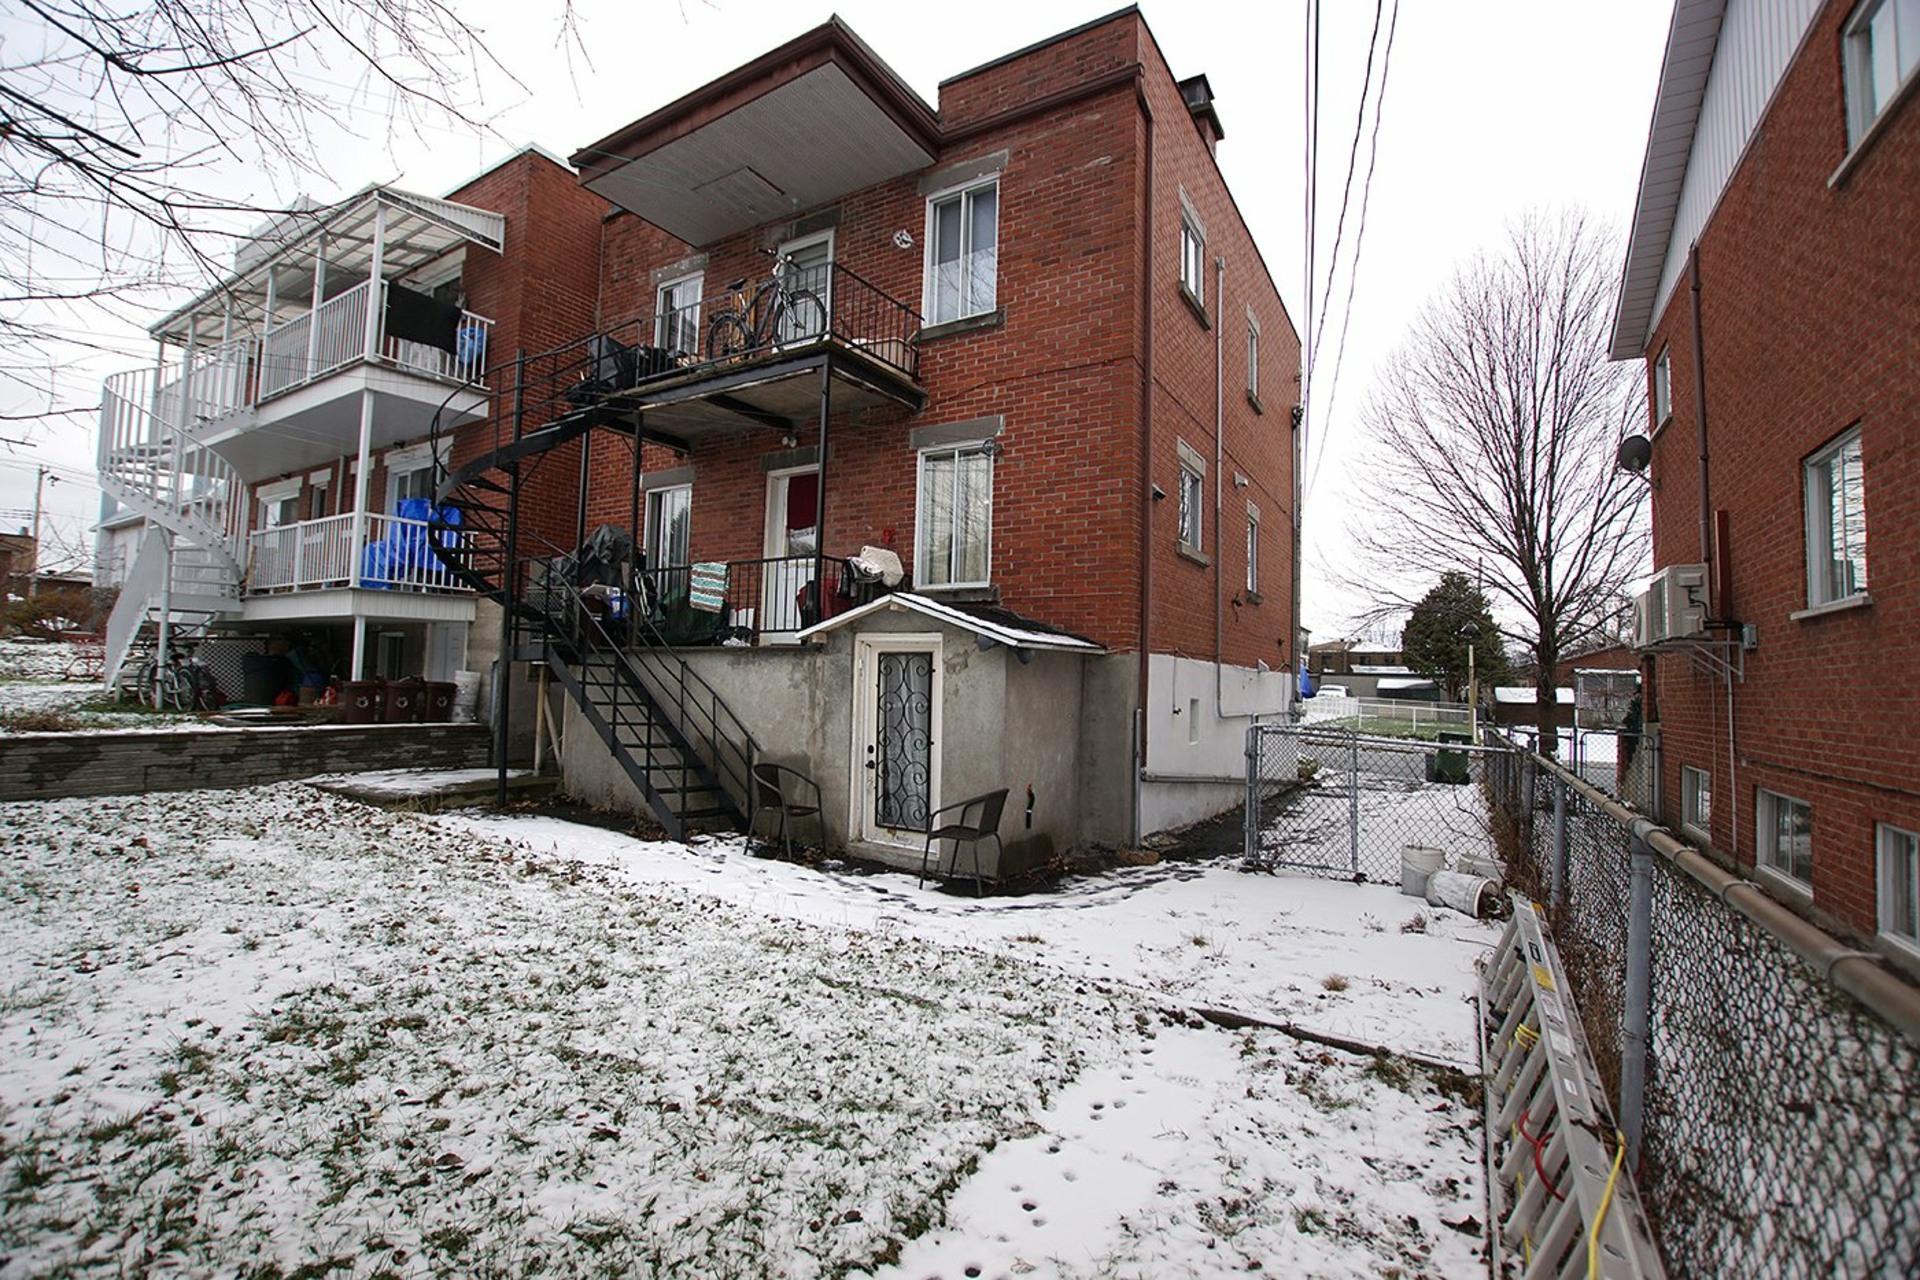 image 46 - Duplex For sale Rivière-des-Prairies/Pointe-aux-Trembles Montréal  - 4 rooms